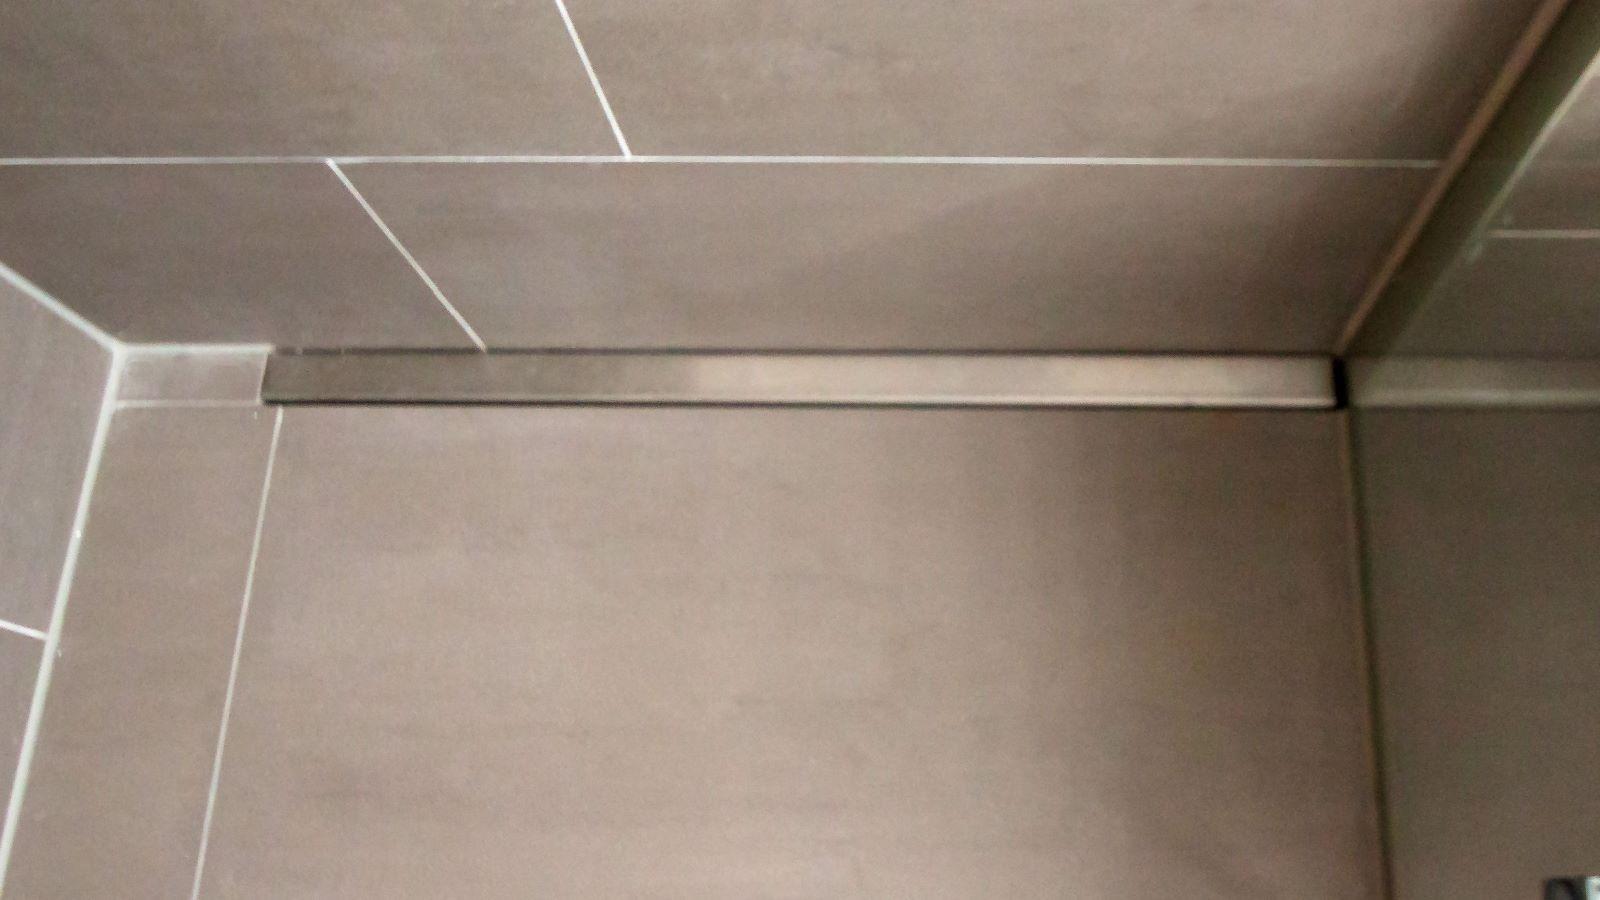 Nahansicht der wandbuendigen, extra flachen, unauffaelligen, langlebigen v4a edelstahl duschrinne pro in minidusche mit moderner optik. Die duschrinne pro ermoeglicht barriefreies duschen in dieser praktischen minidusche. Sie wurde optimal geplant und ist leicht zu pflegen durch die hochwertige edelstahl-duschrinne pro und die großformatigen bodenfliesen.